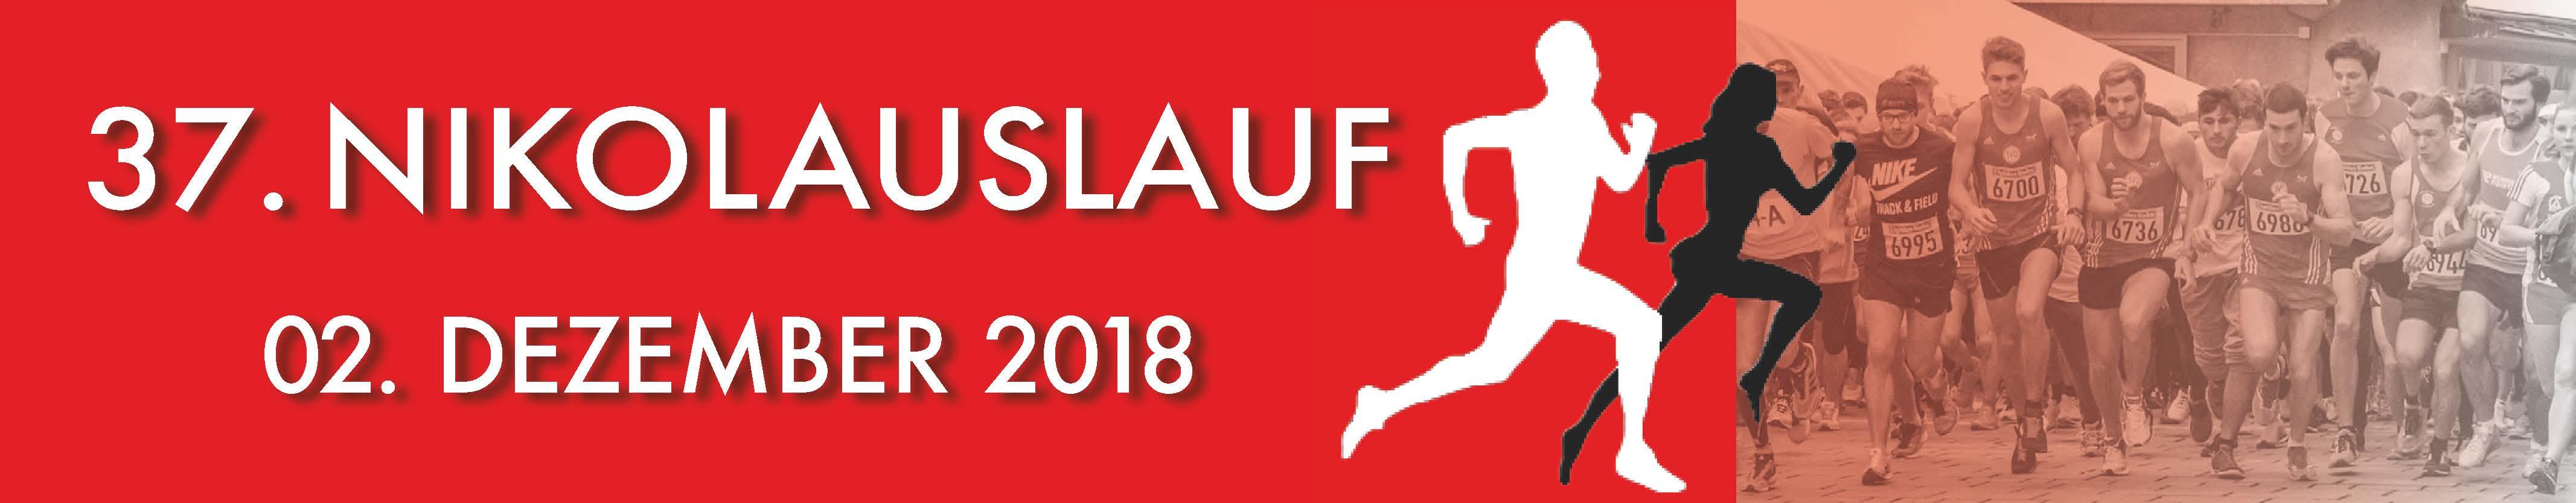 2018_banner-nikolauslauf